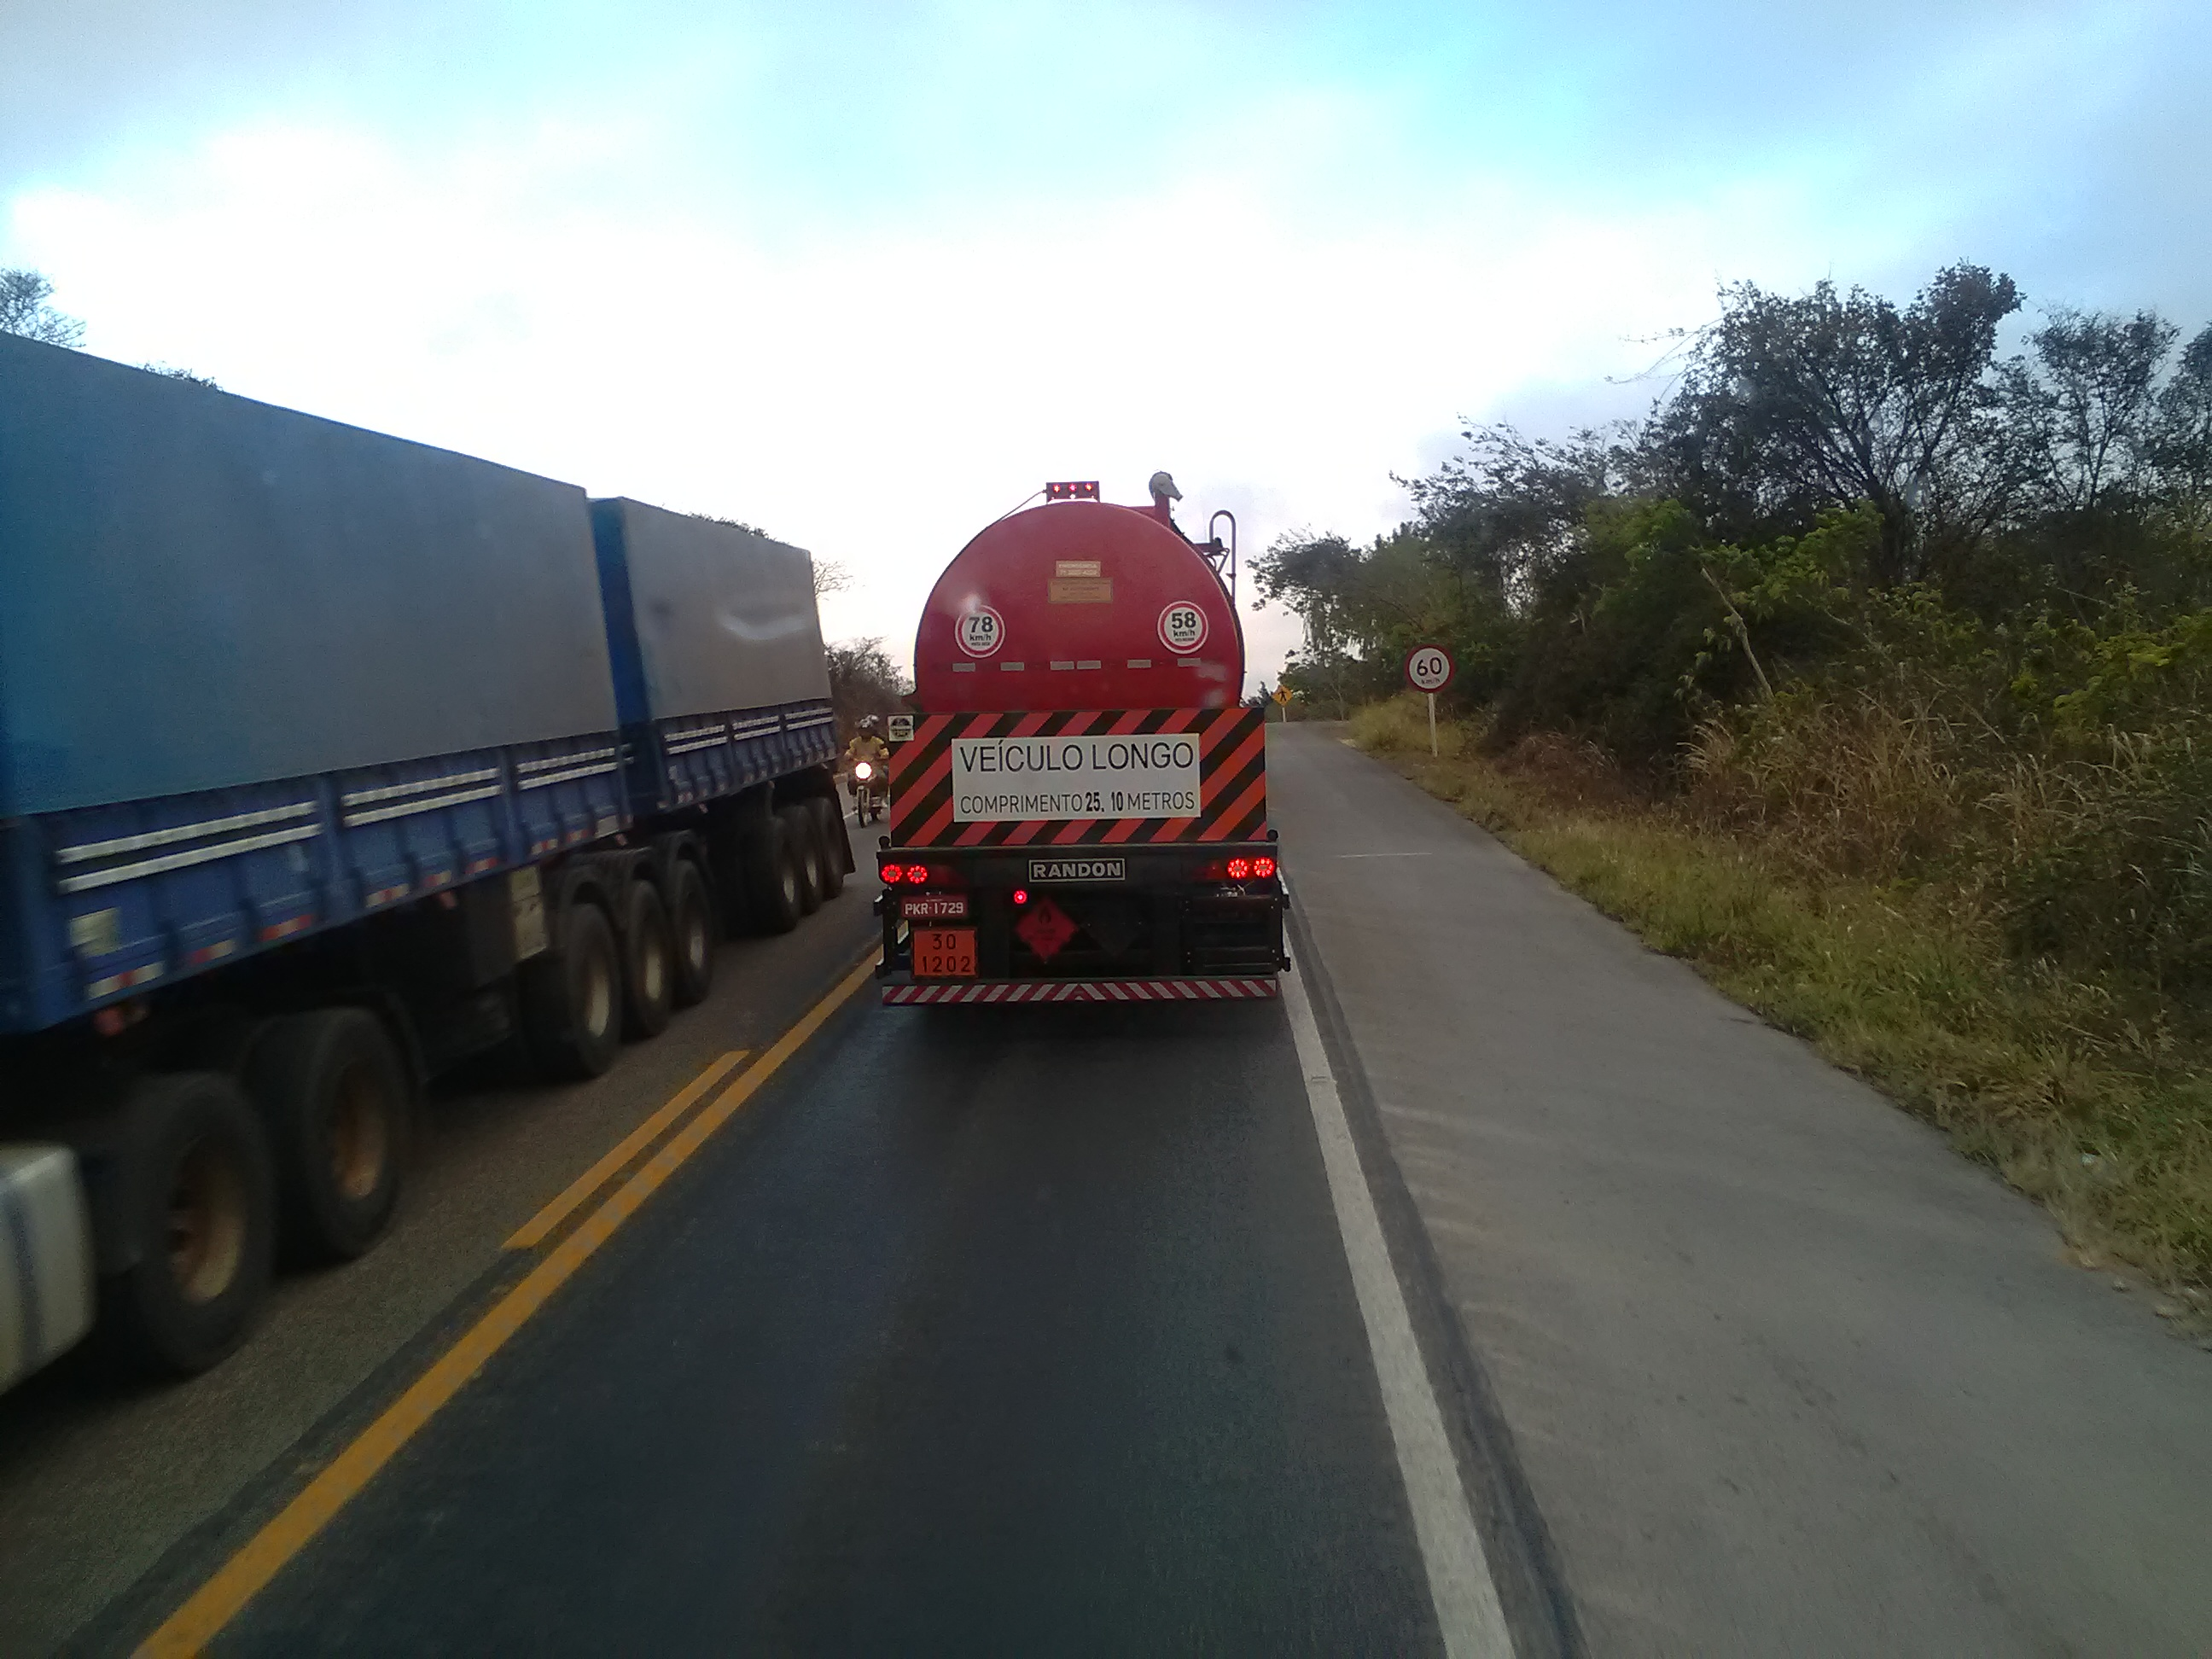 Tolweg-van-Santana-naar-Salvador.-2